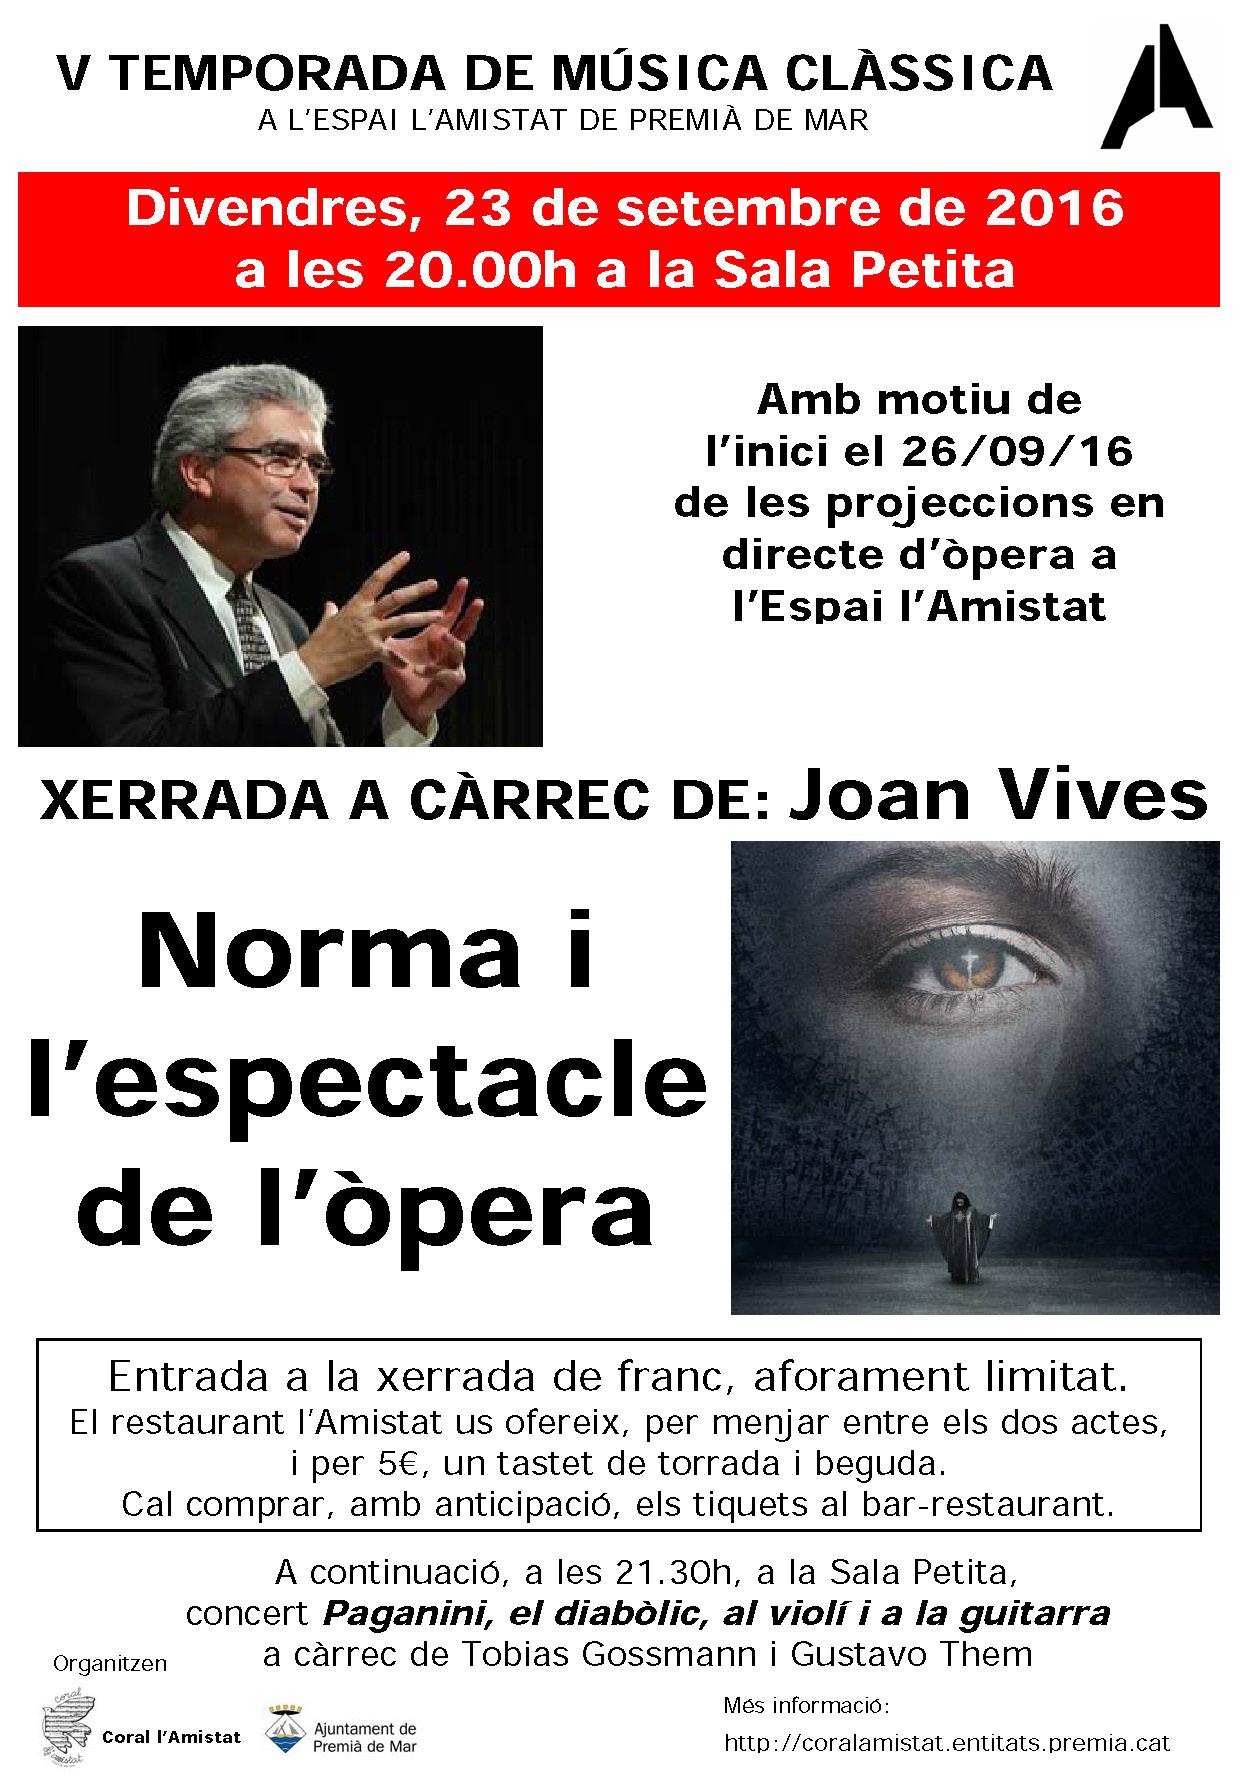 """Xerrada """"Norma i l'Espectacle de l'òpera"""" a càrrec de Joan Vives"""